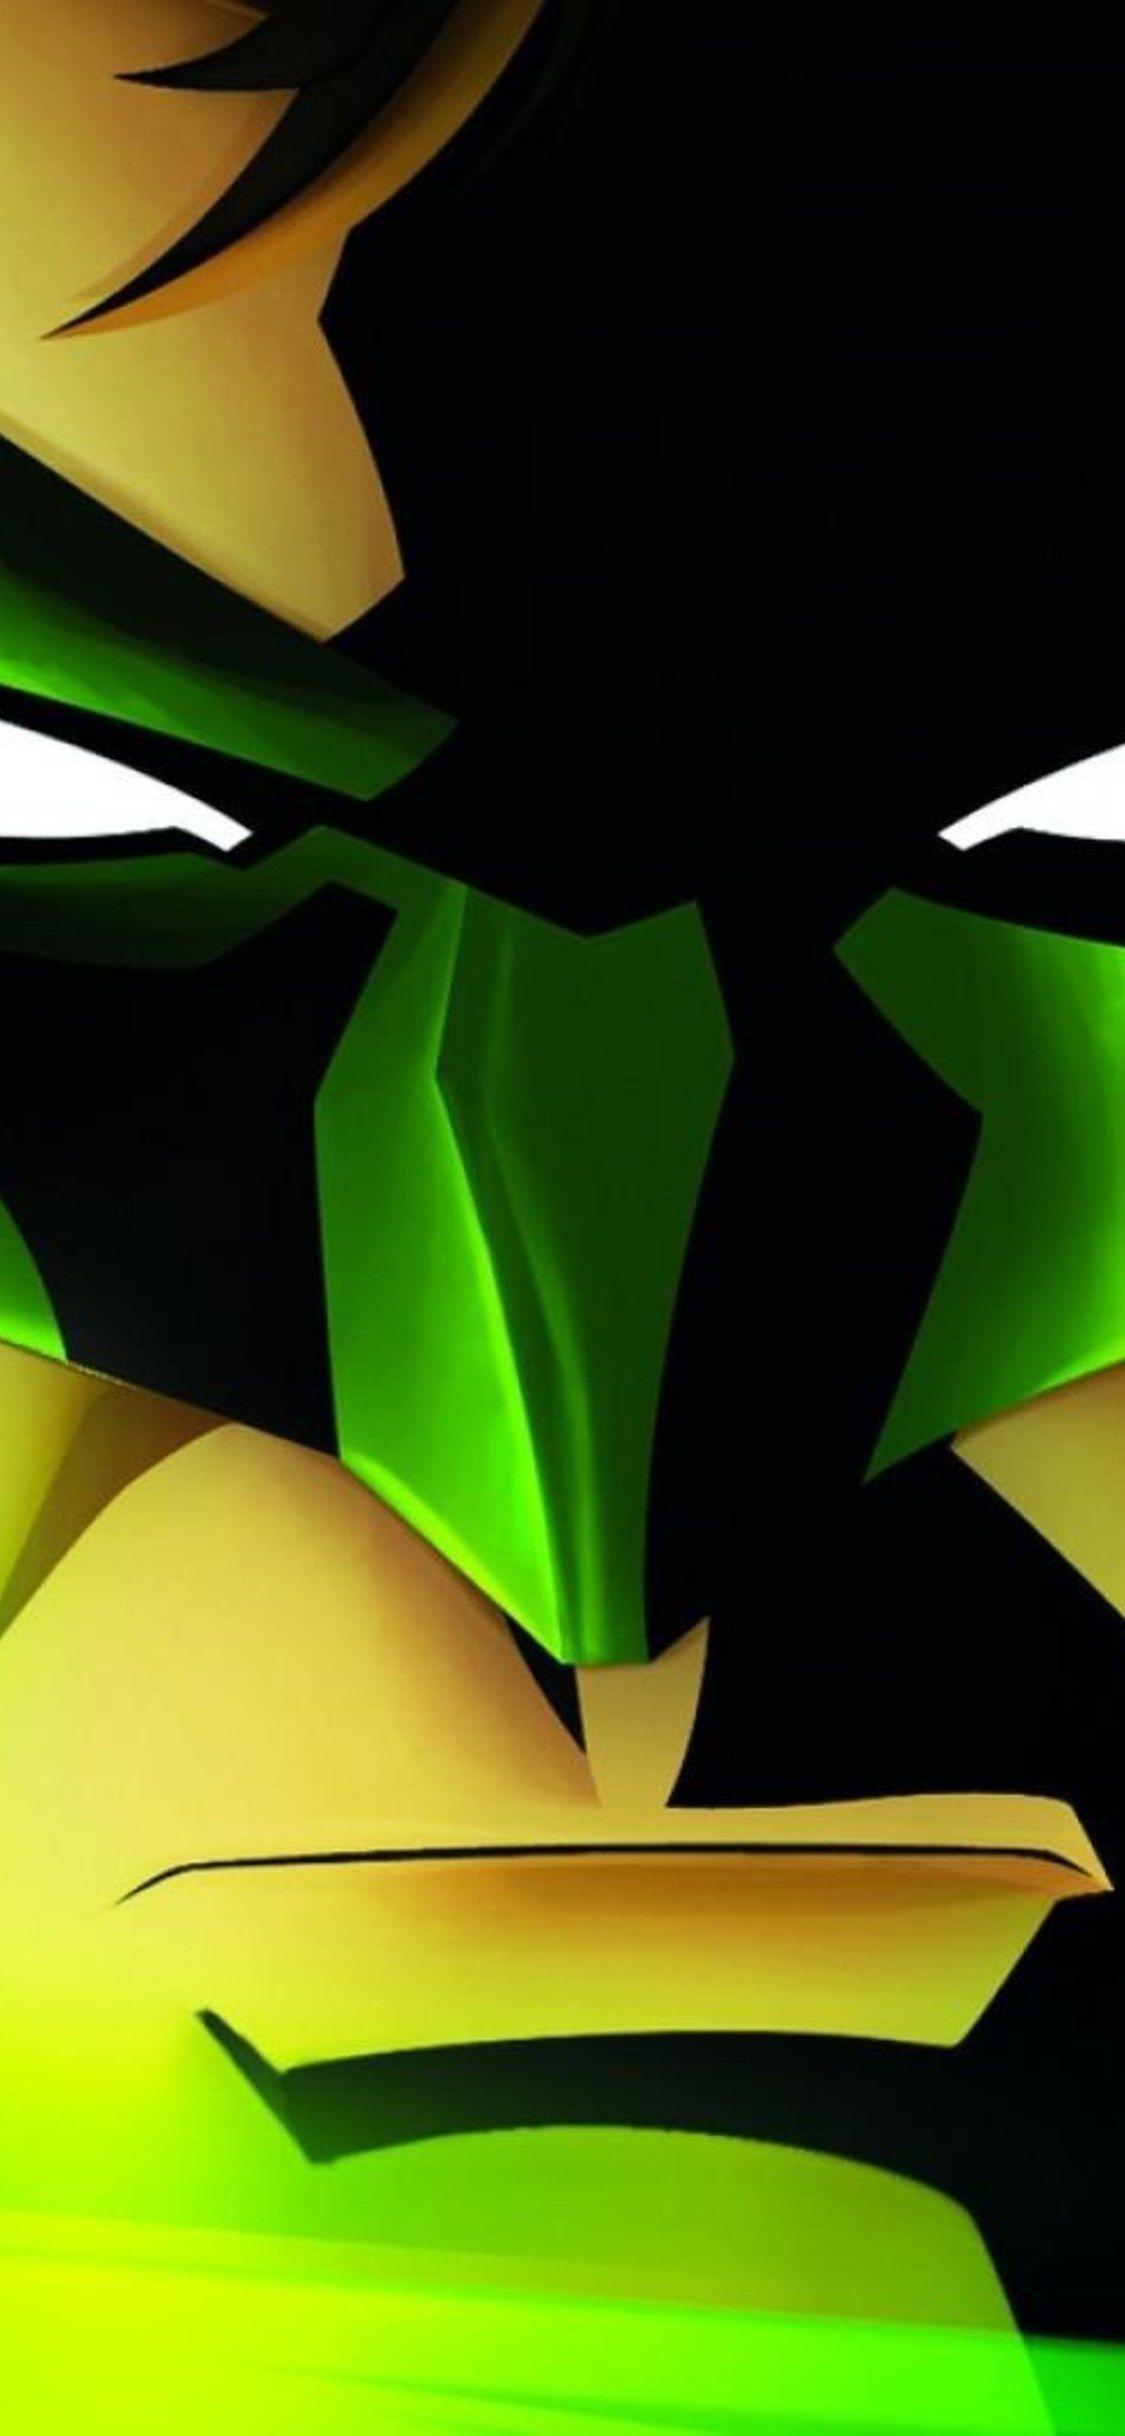 Green Lantern Iphone Wallpapers On Wallpaperdog